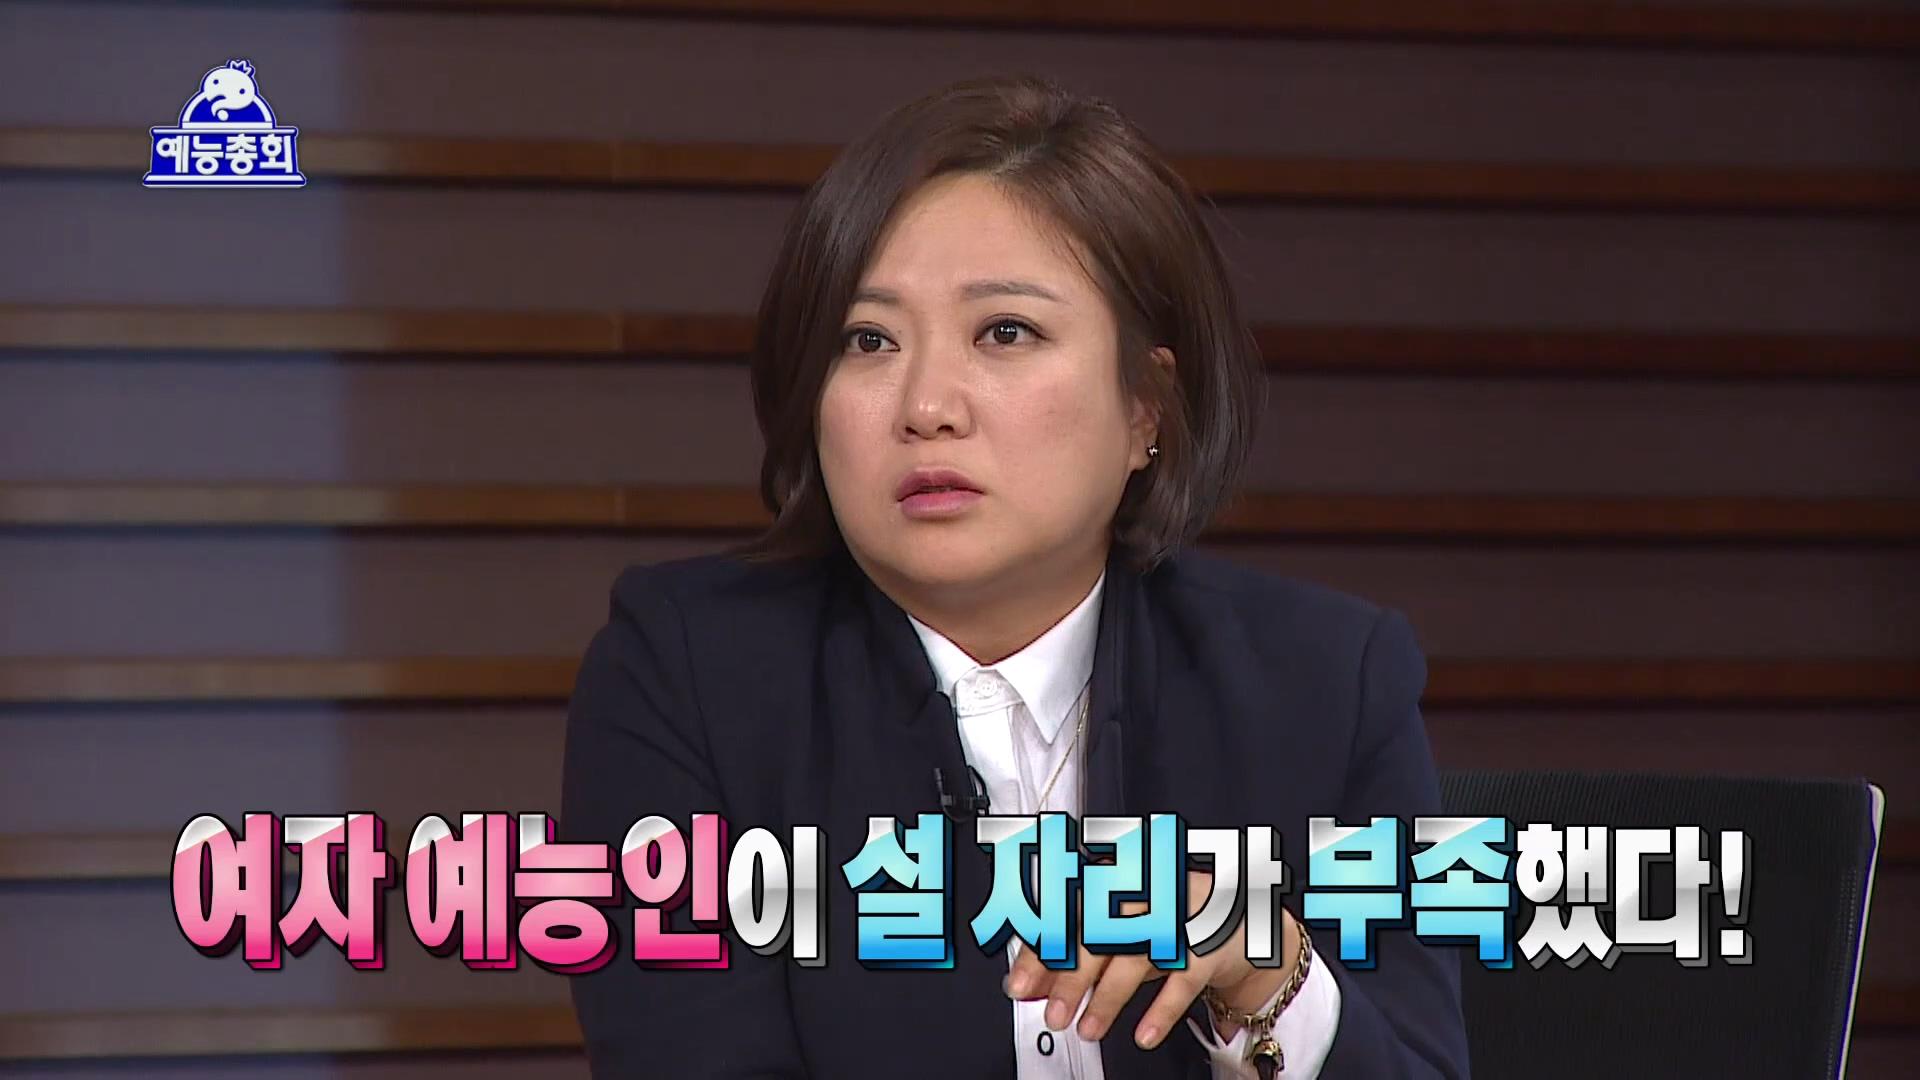 """【TVPP】김숙 - 걸크러쉬 갓쑥, """"남녀 화합 원해~""""!  @무한도전 2016"""